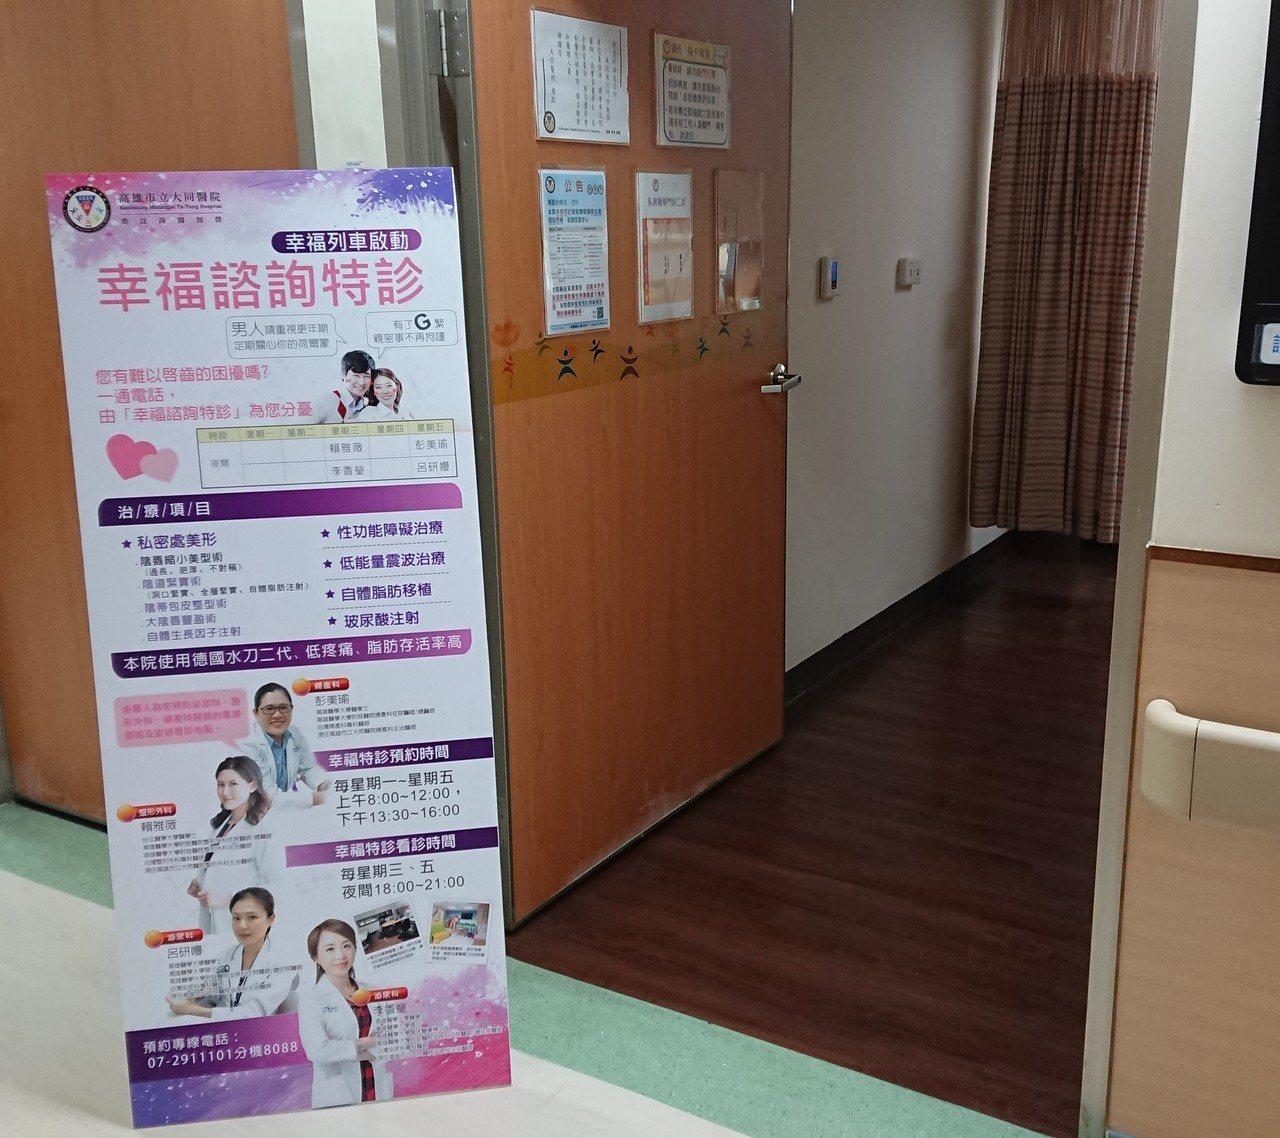 高雄市立大同醫院2月起設立「幸福諮詢門診」,由泌尿、婦產、整形外科等4位女醫,為...